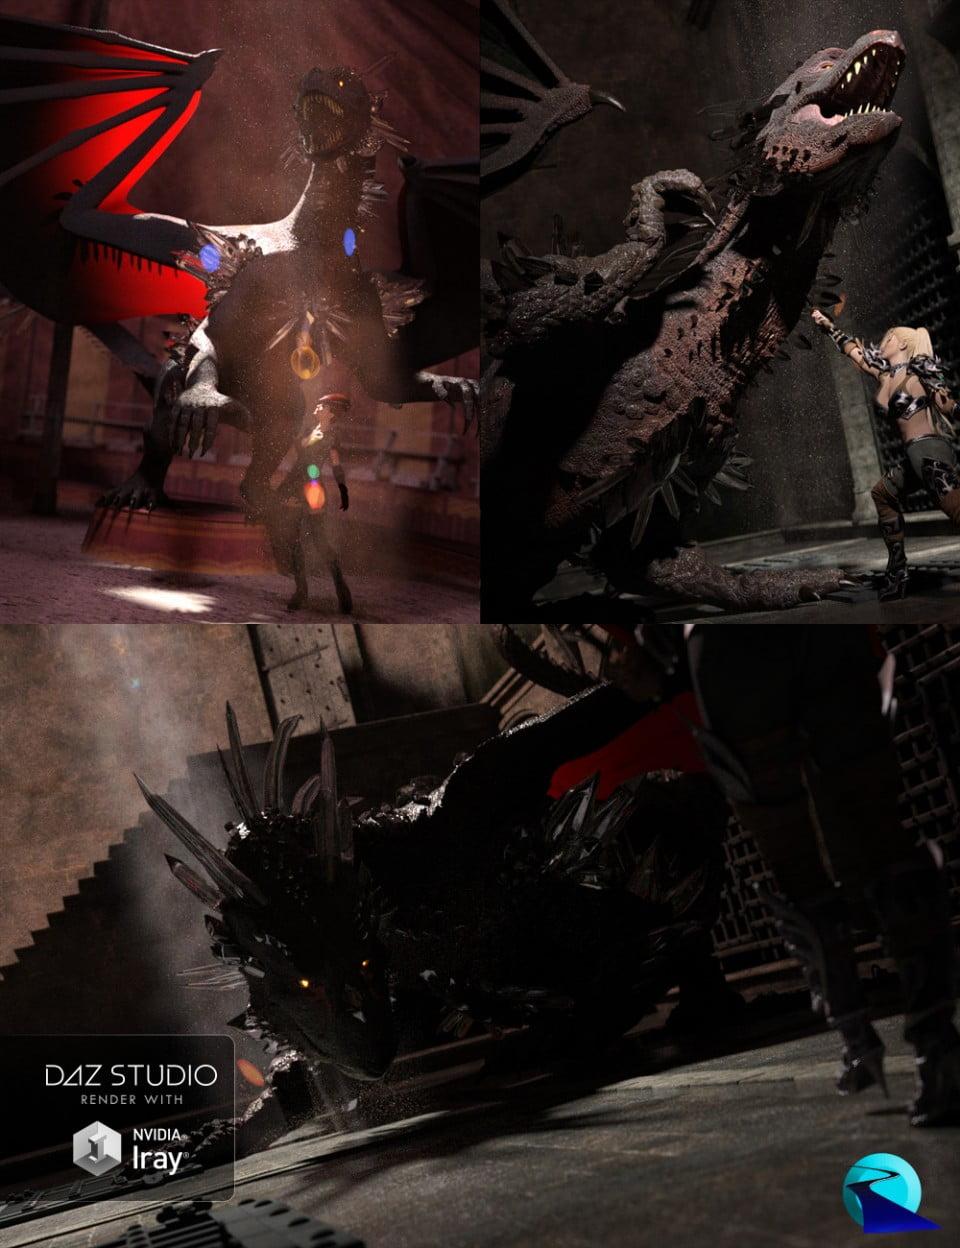 Dragon Master Bundle for Dragon 3 and Crystal Dragon